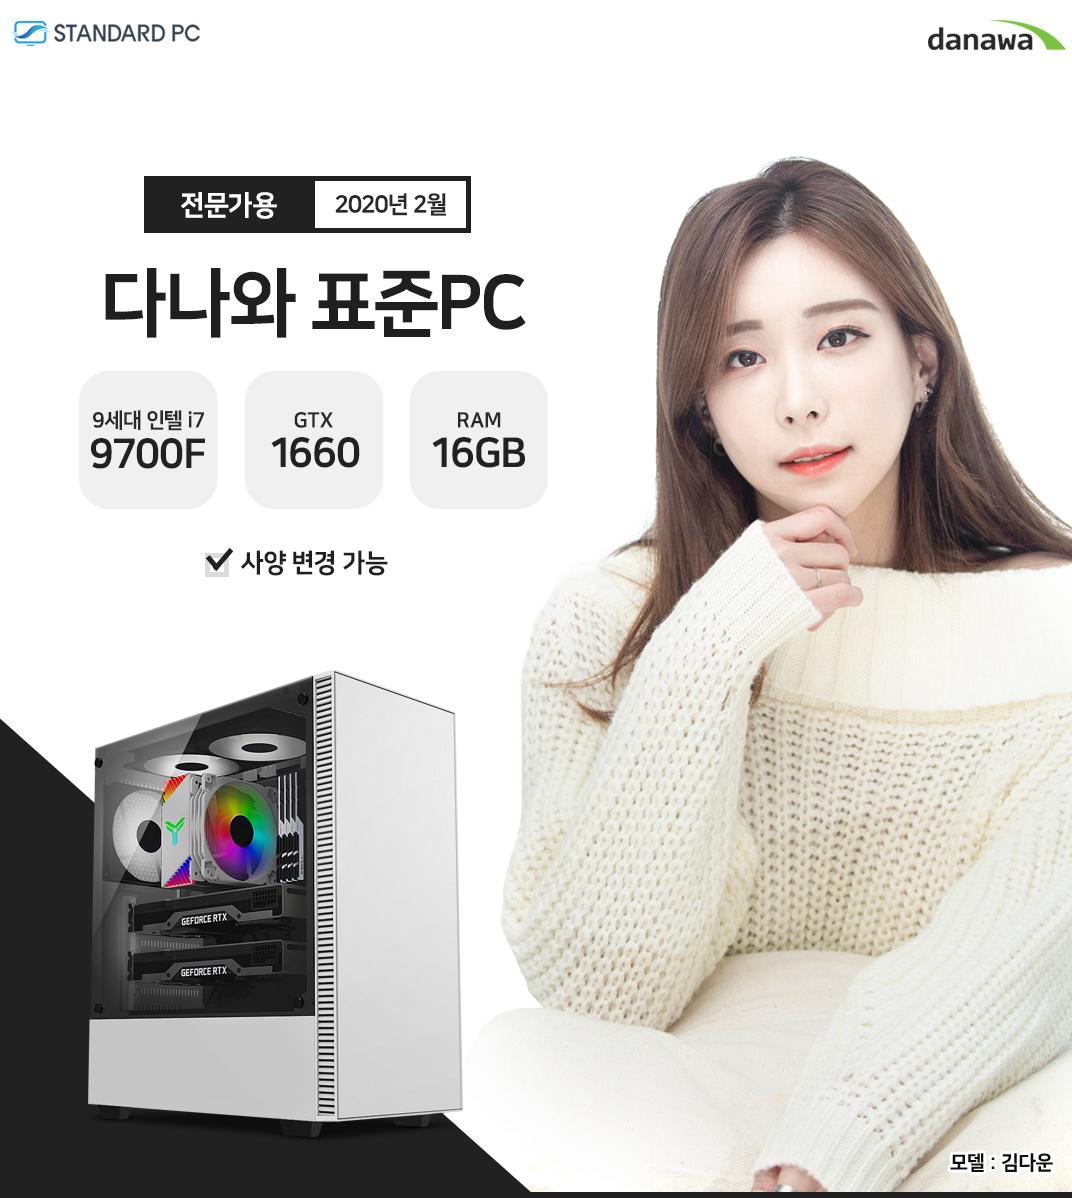 2020년 02월 다나와 표준PC 전문디자인용 인텔 코어i7-9세대 9700F GTX1660 VGA RAM 16G 모델 송주아